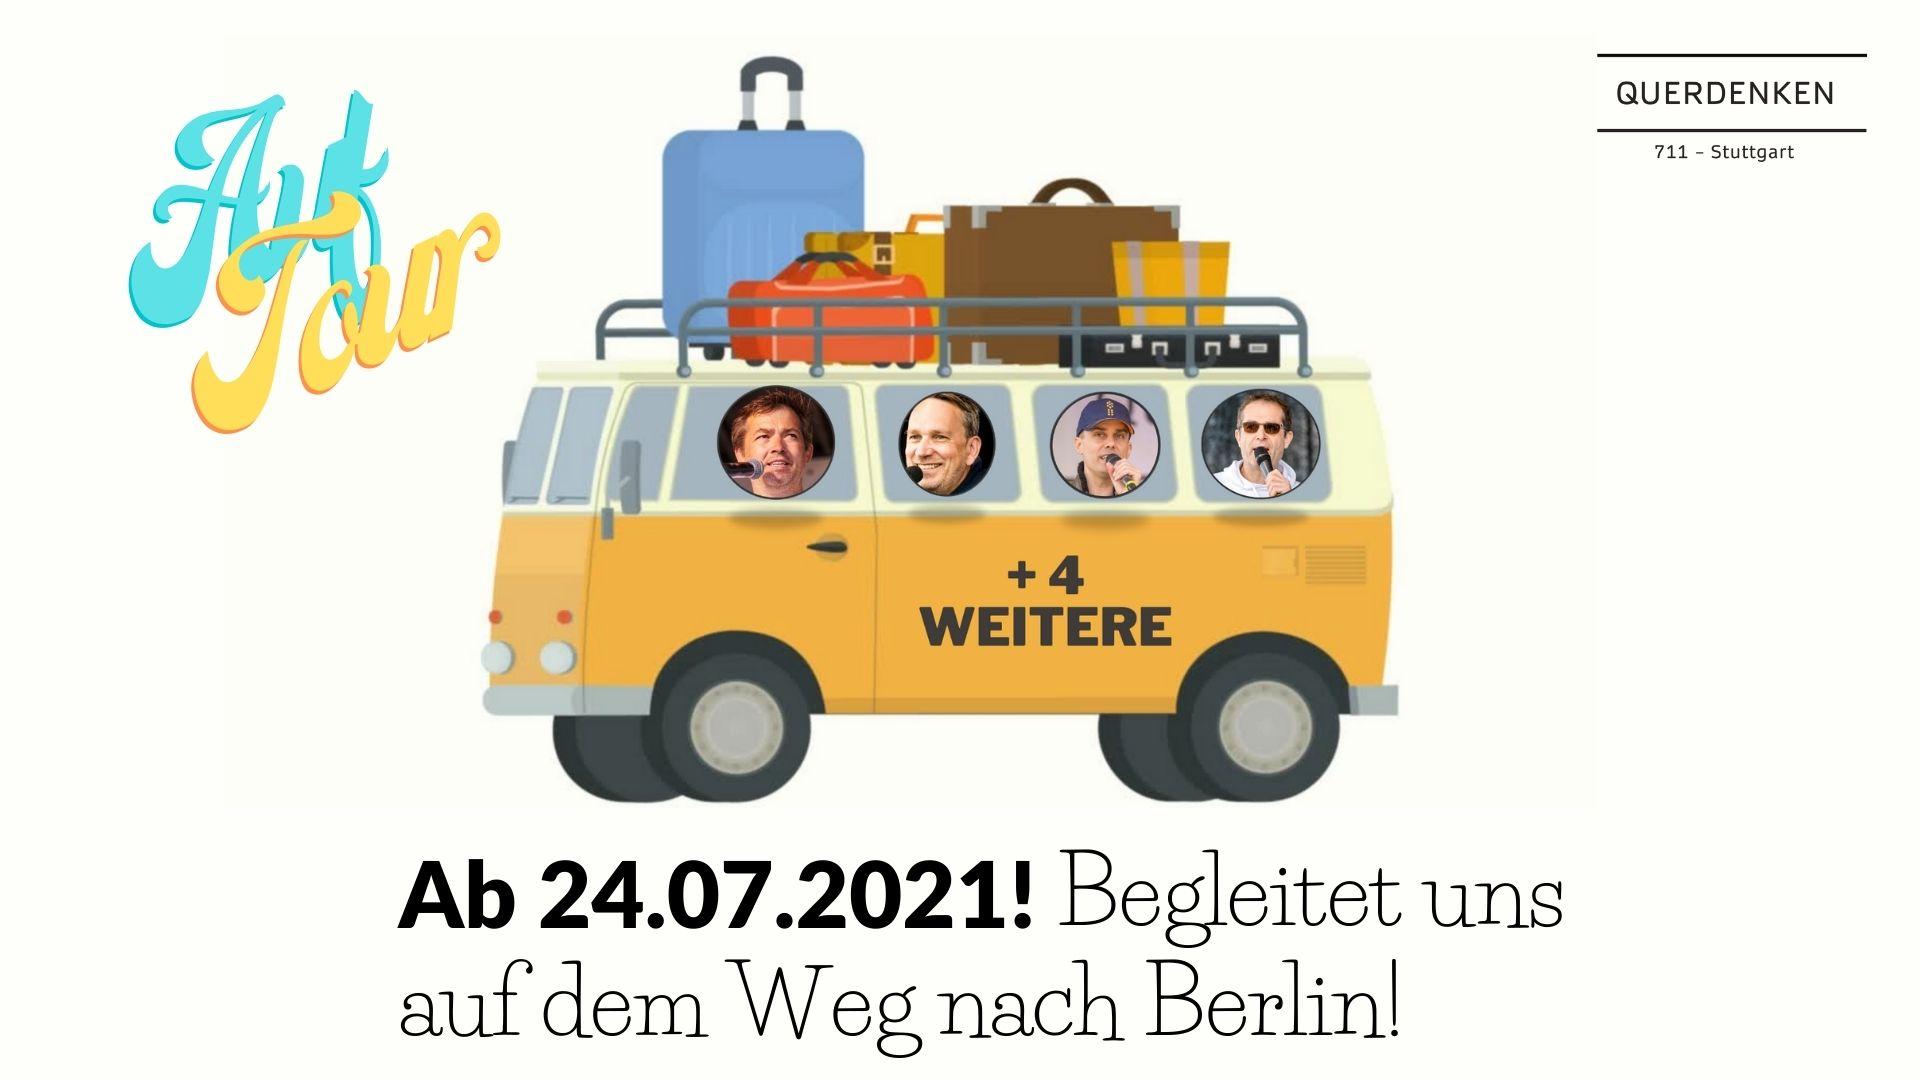 Ab 24.07.2021 - 8 Busse auf dem Weg nach Berlin!